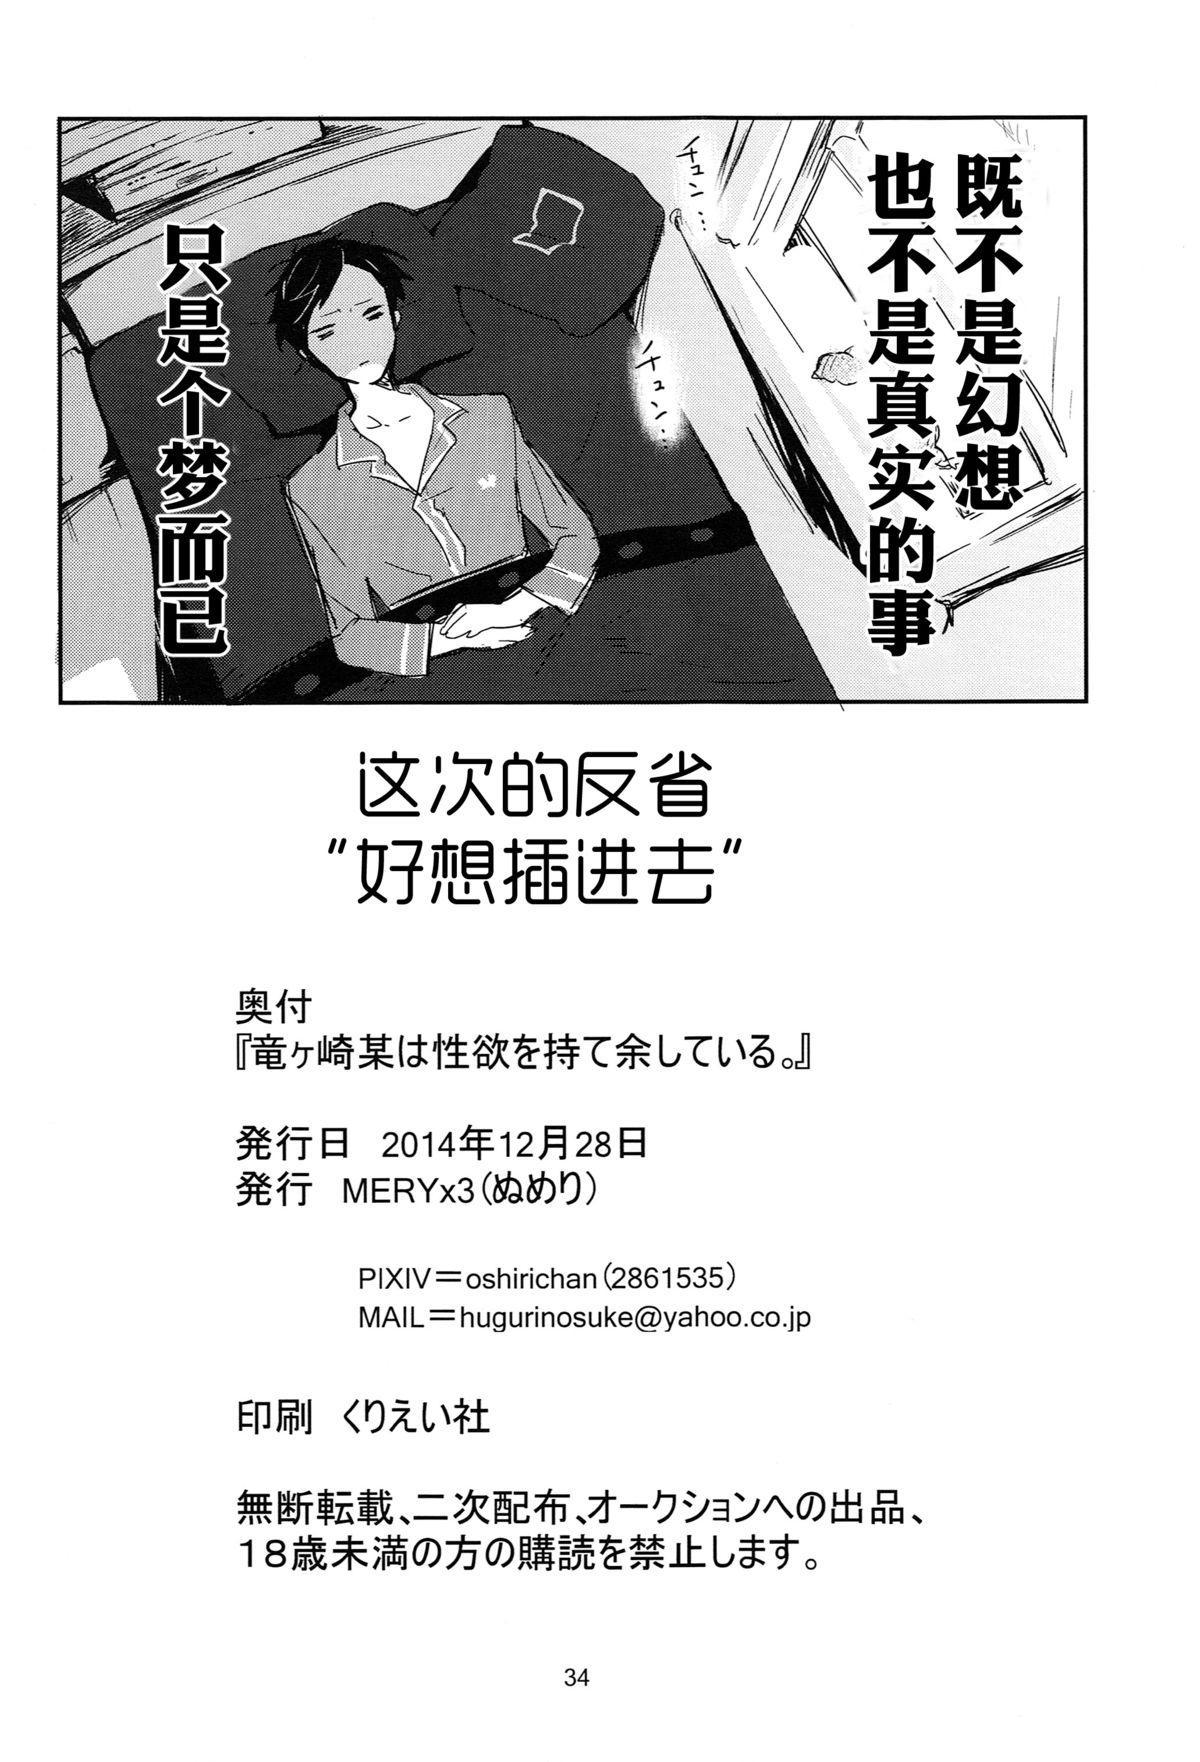 Ryuugazaki nanigashi wa seiyoku wo moteamashite iru. 31